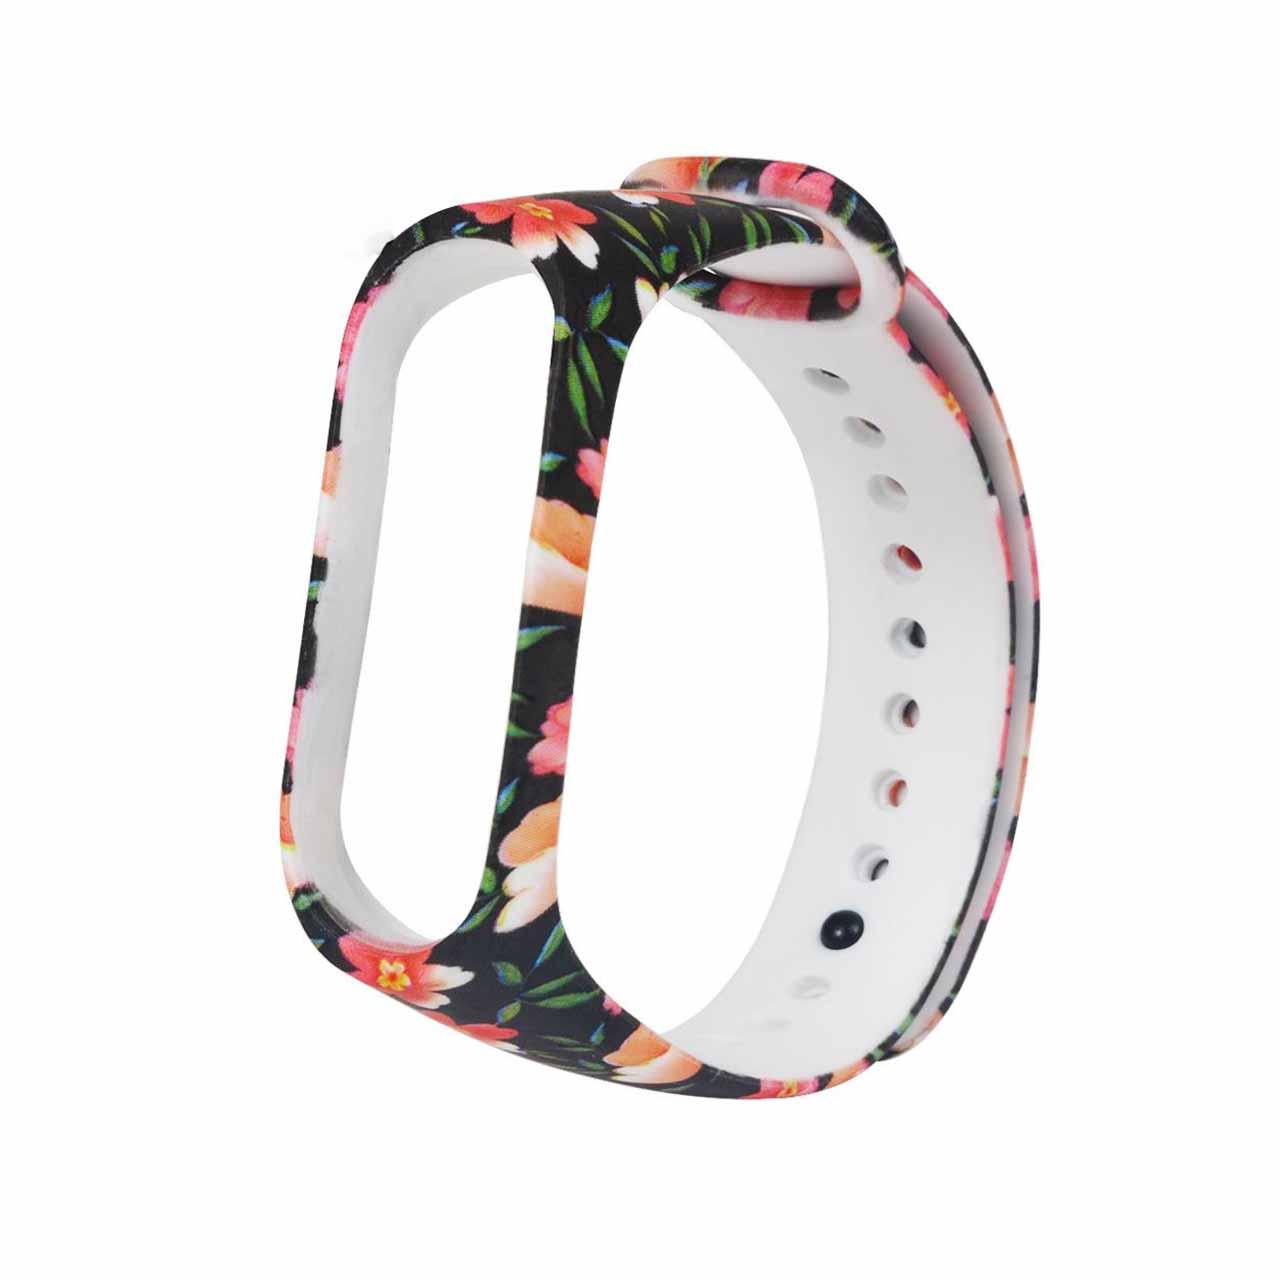 بند طرح گل مدل BLC01 مناسب برای مچ بند هوشمند شیائومی Mi Band 3 /Mi Band 4